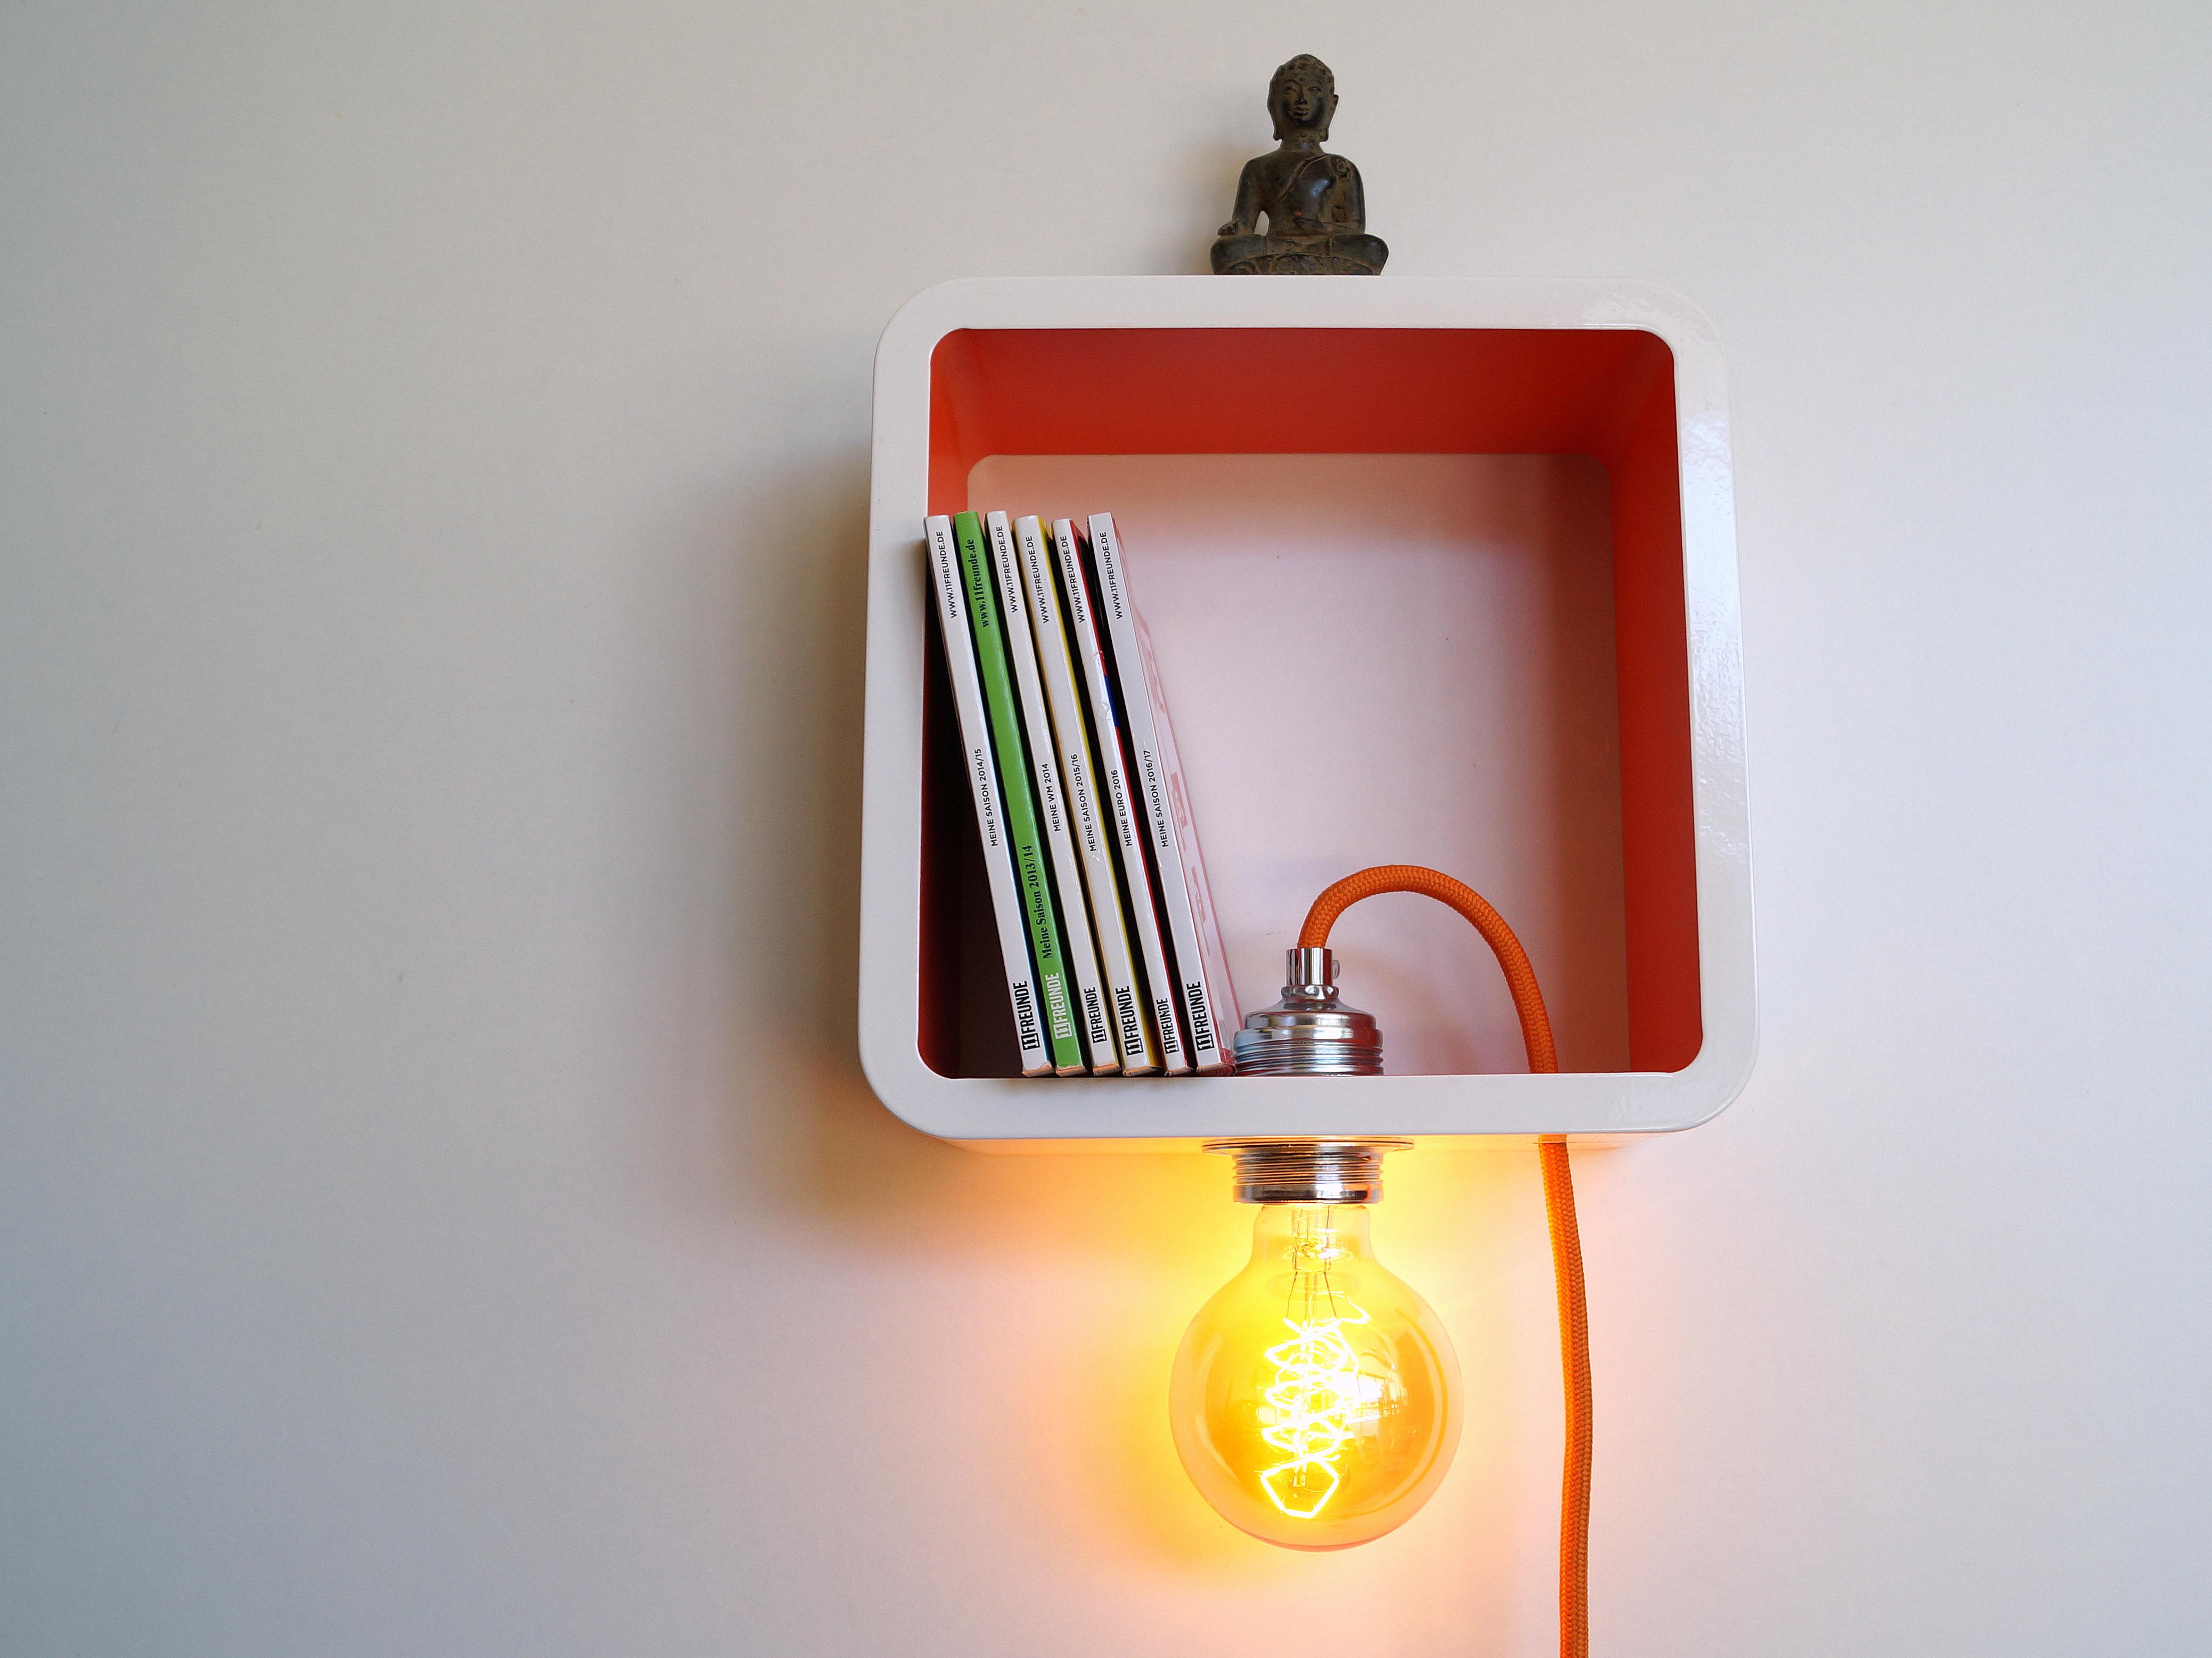 lichtgestalten wallcube 1 die wandleuchte. Black Bedroom Furniture Sets. Home Design Ideas